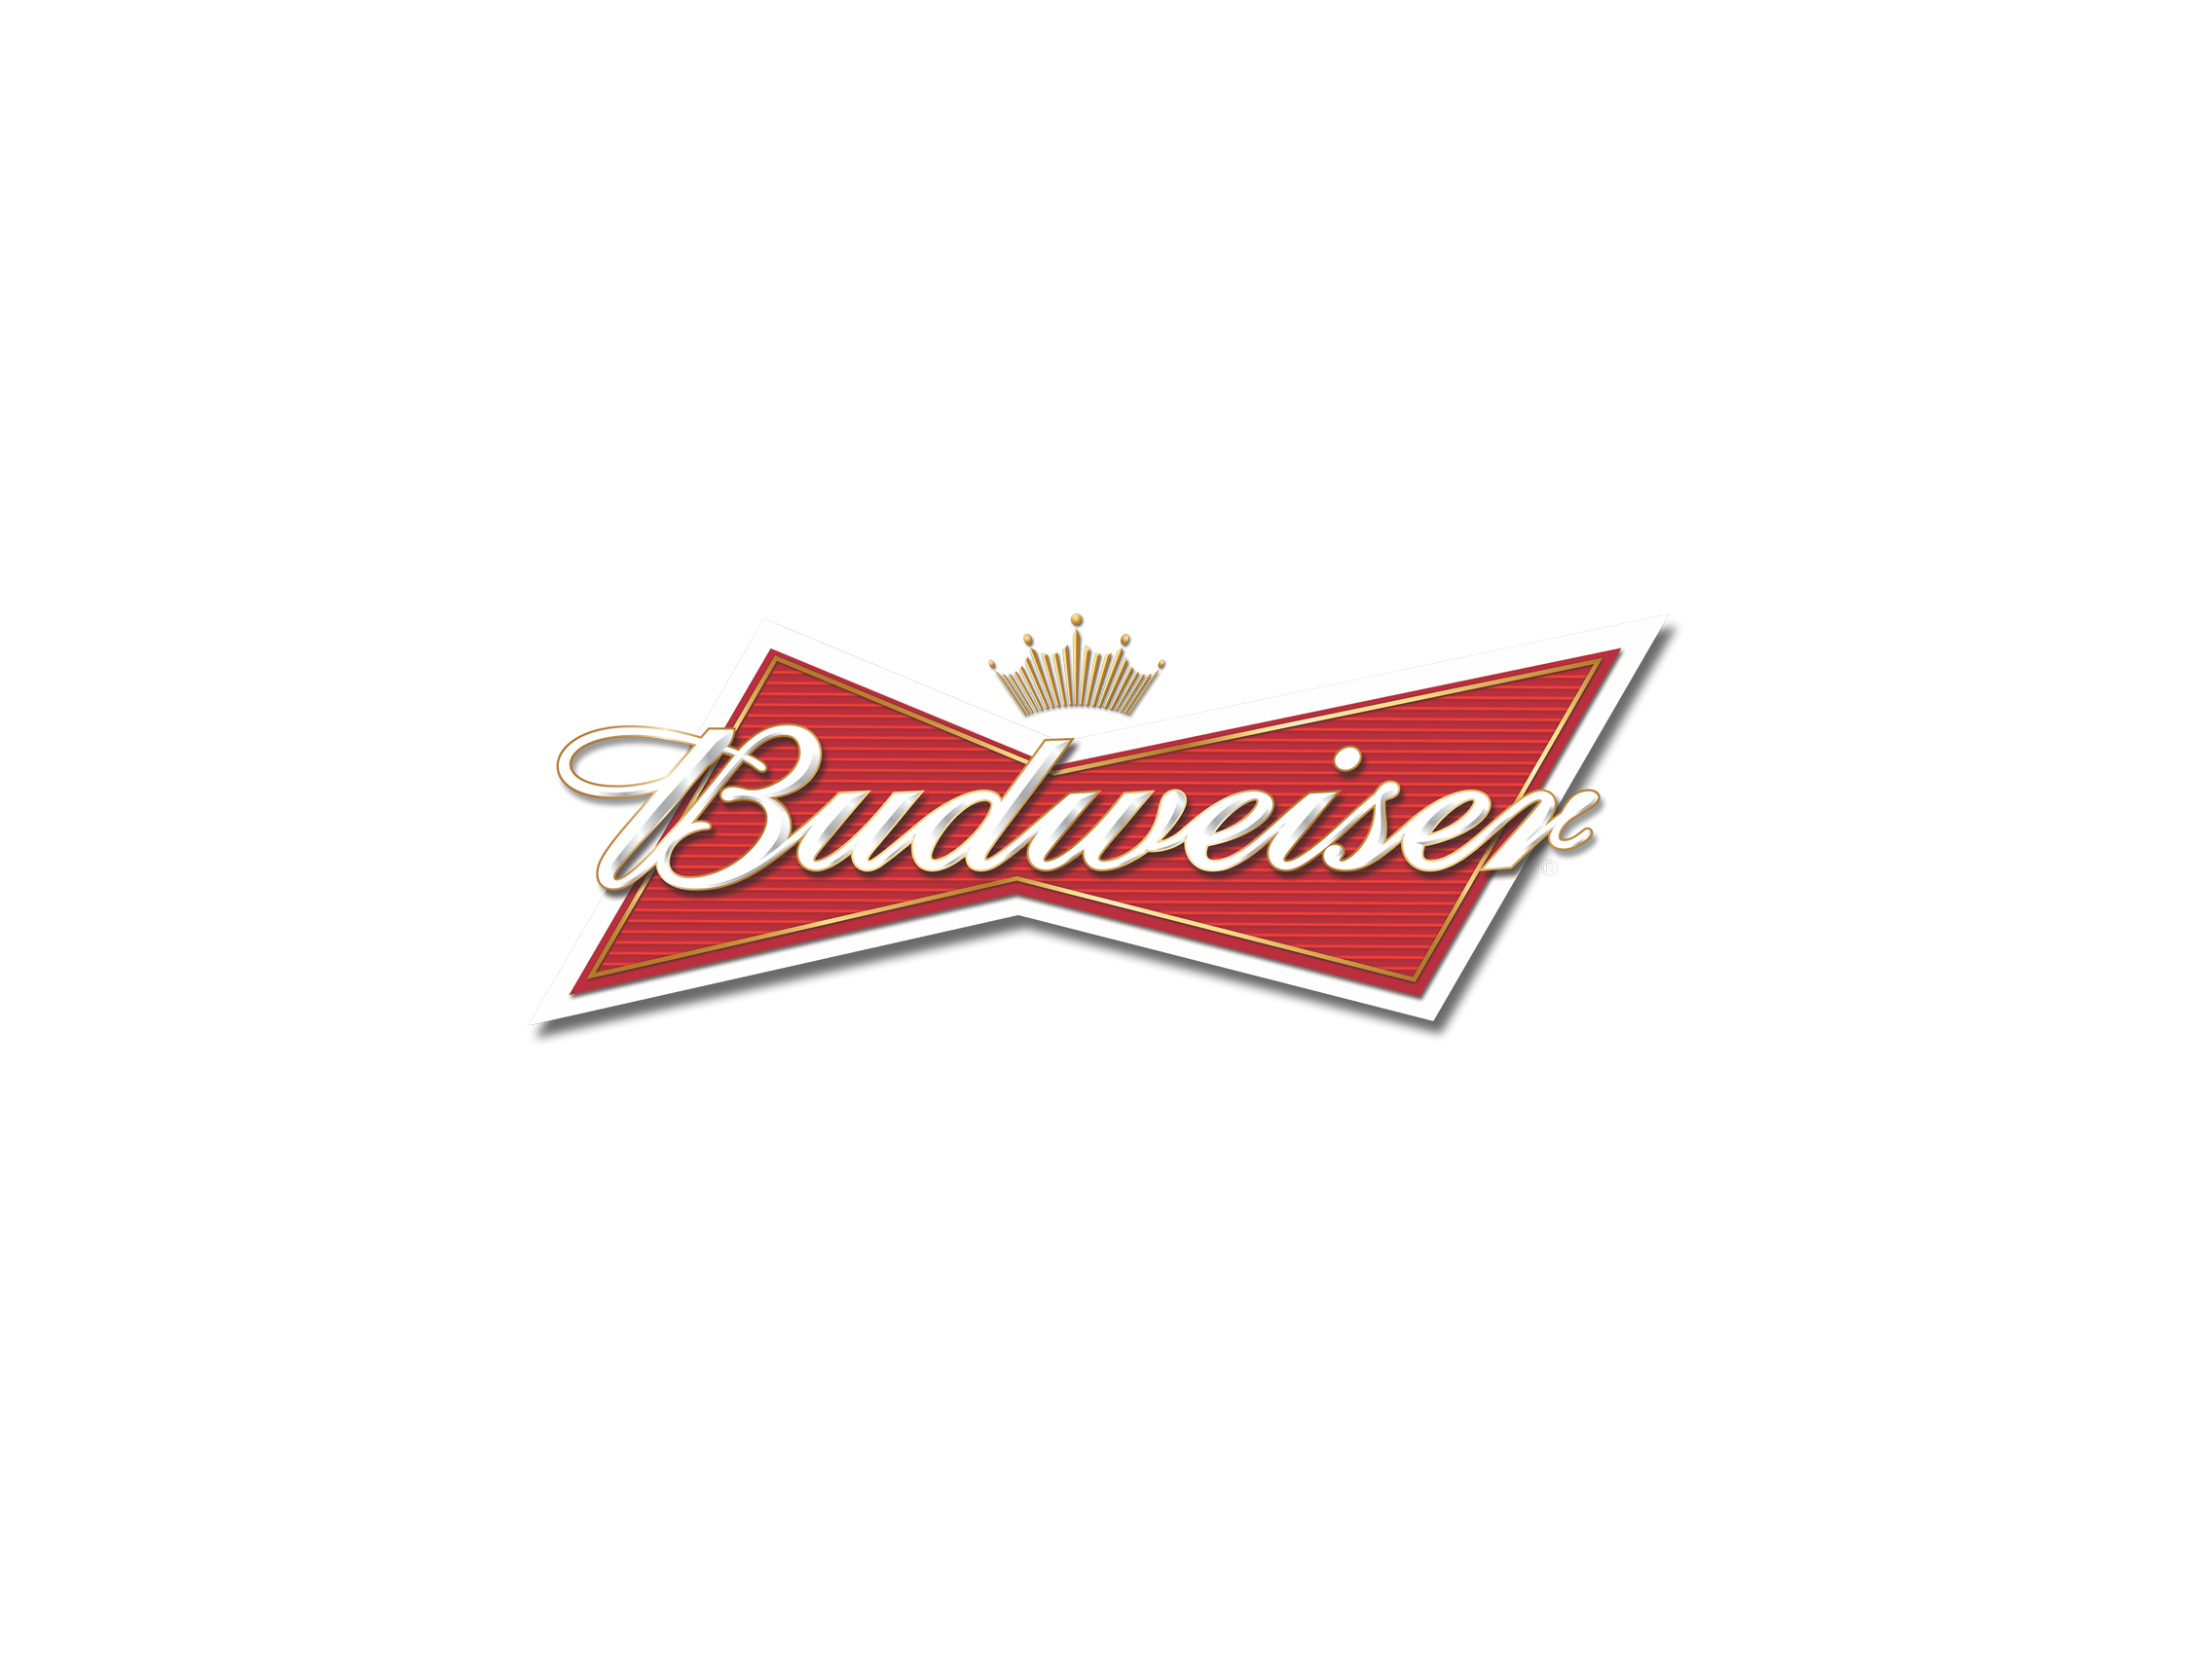 Budweiser large logo png